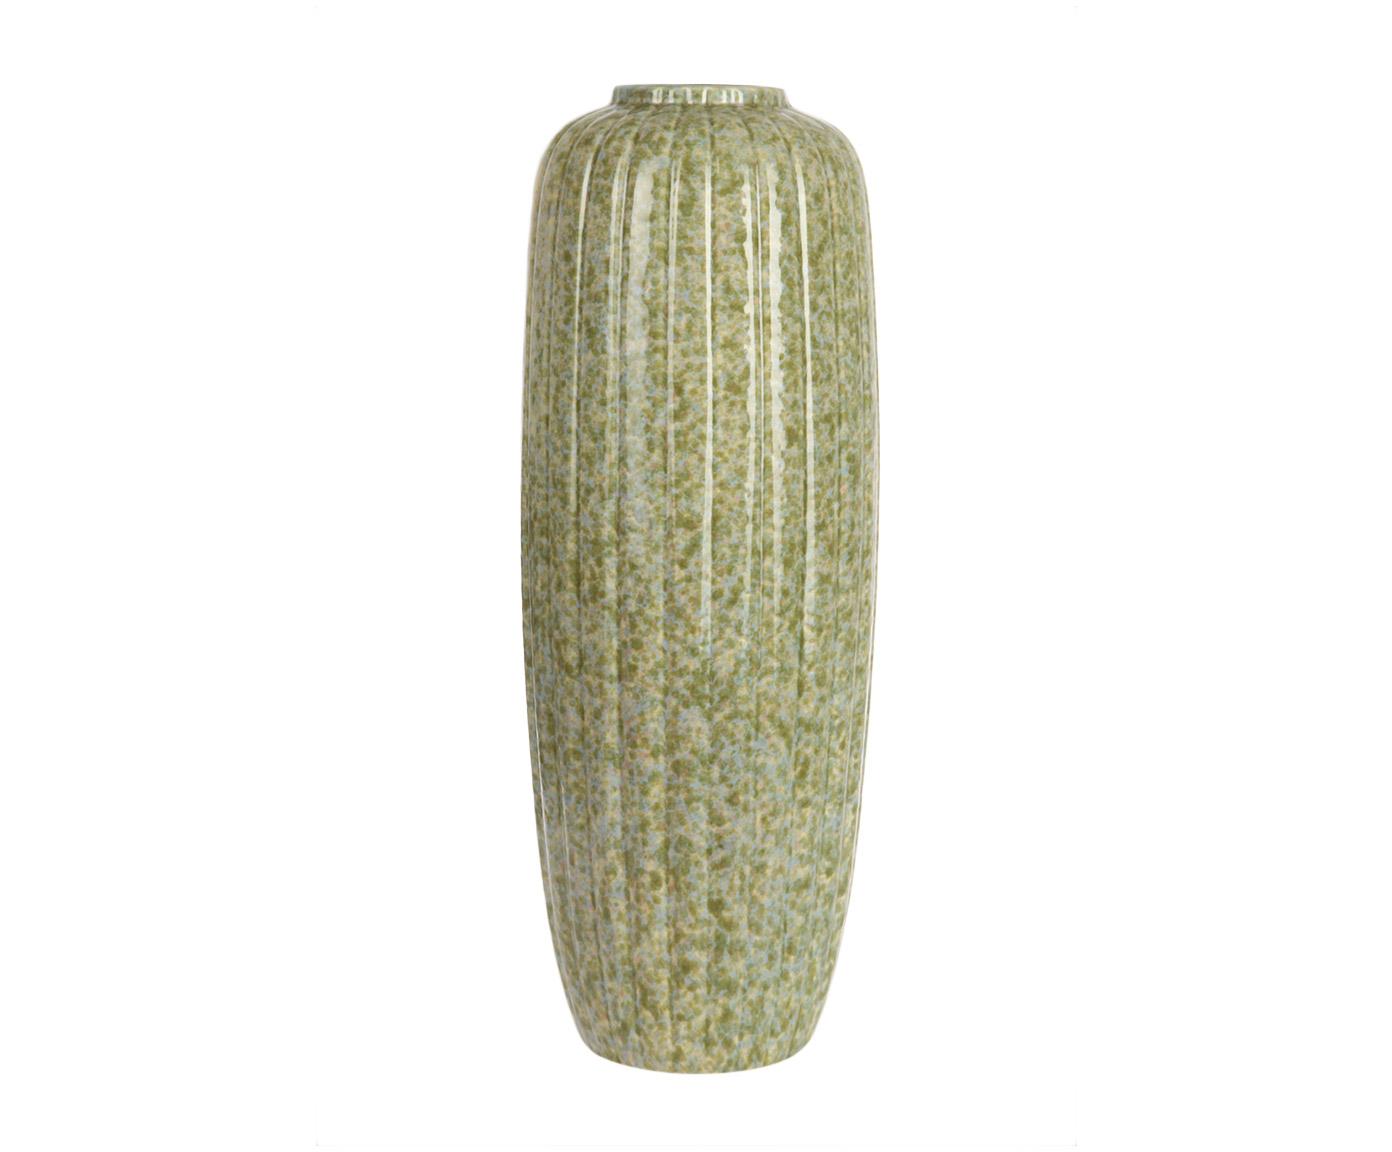 Ваза декоративнаяВазы<br>Керамическая декоративная ваза от португальского бренда Farol близка к этническому стилю. Сочетание абстрактных голубых, зеленых и песочно-желтых пятен создает впечатление неоднородной мраморной поверхности, как у древней античной вазы, поднятой со дна океана, позеленевшей от времени и водорослей.<br><br>Material: Керамика<br>Ширина см: 18<br>Высота см: 50.0